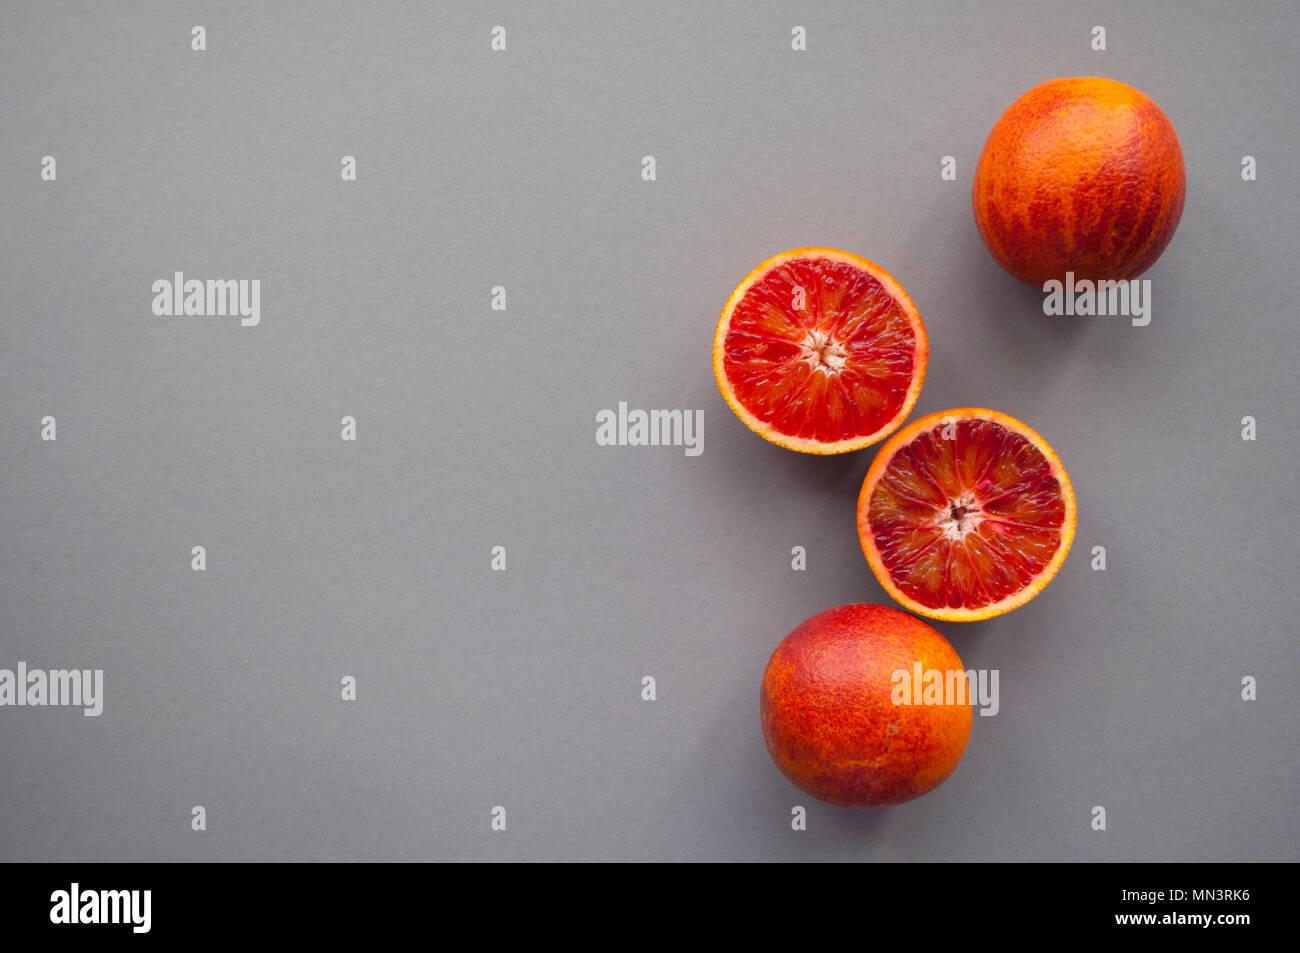 Blood orange on purple background. - Stock Image